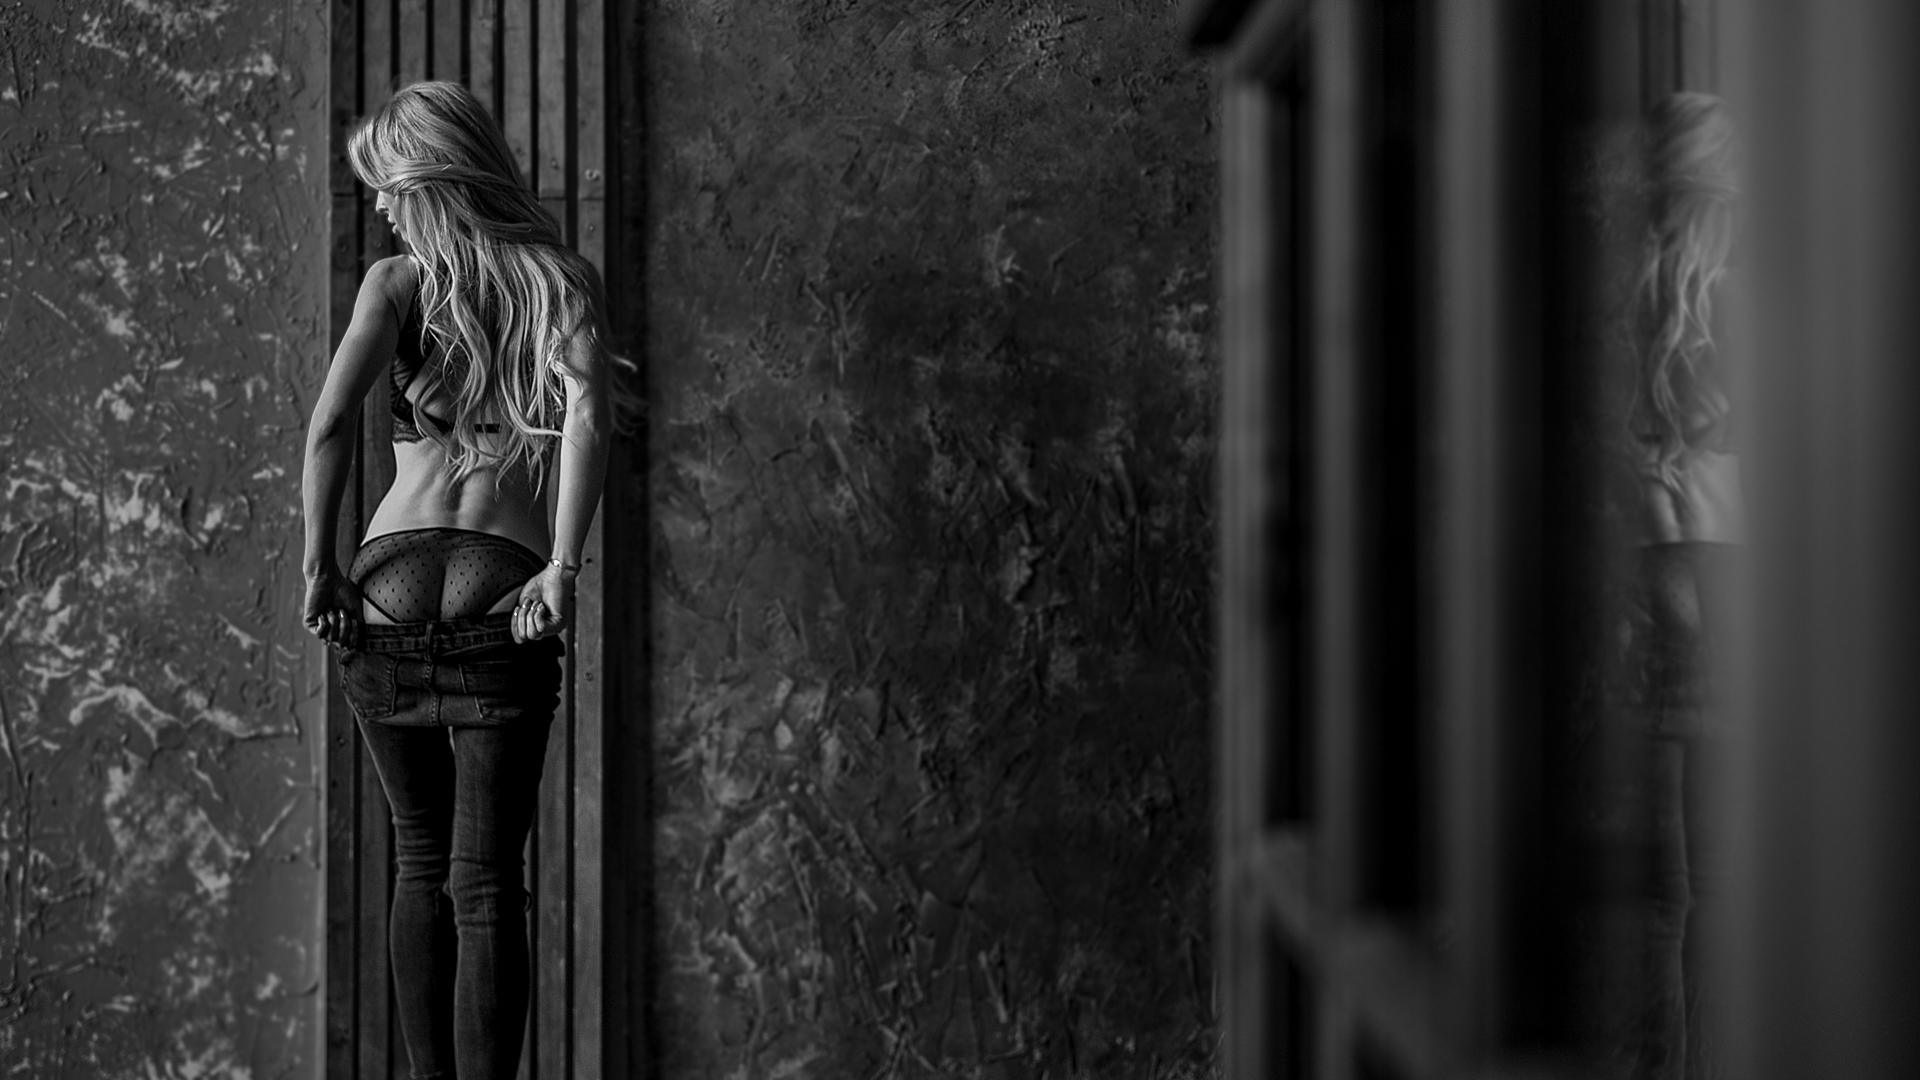 Красотка / фотограф Ермаков Павел